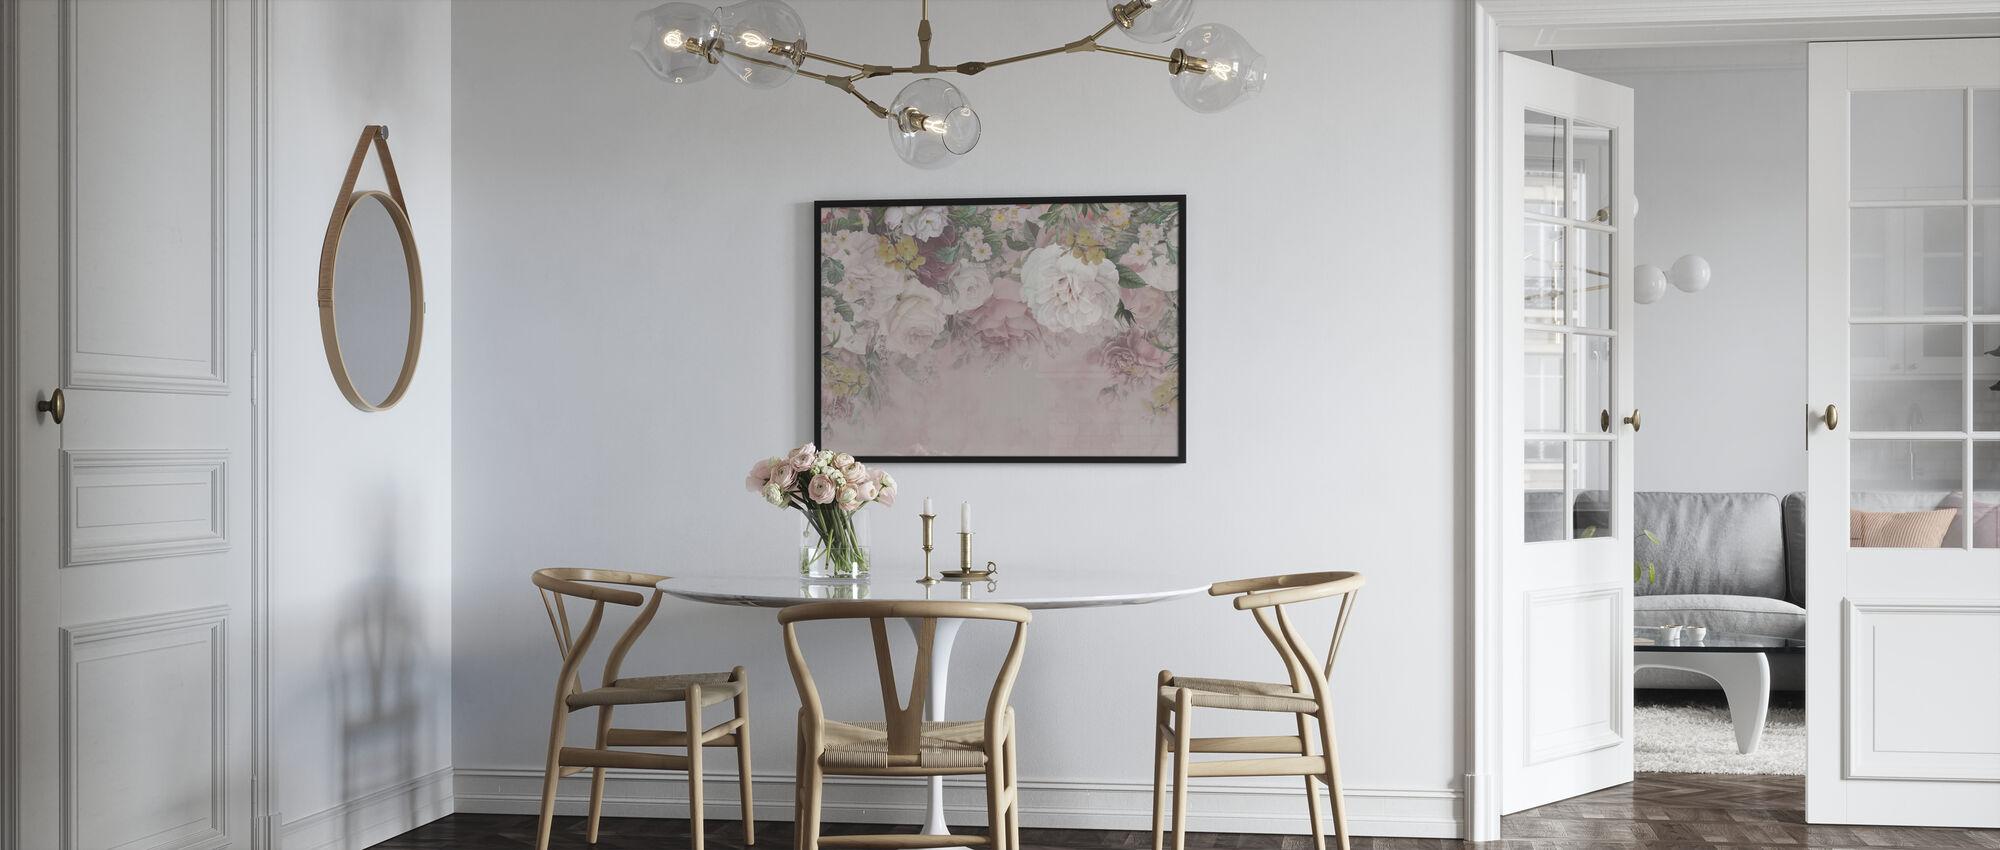 Milde Blomster - Plakat - Kjøkken